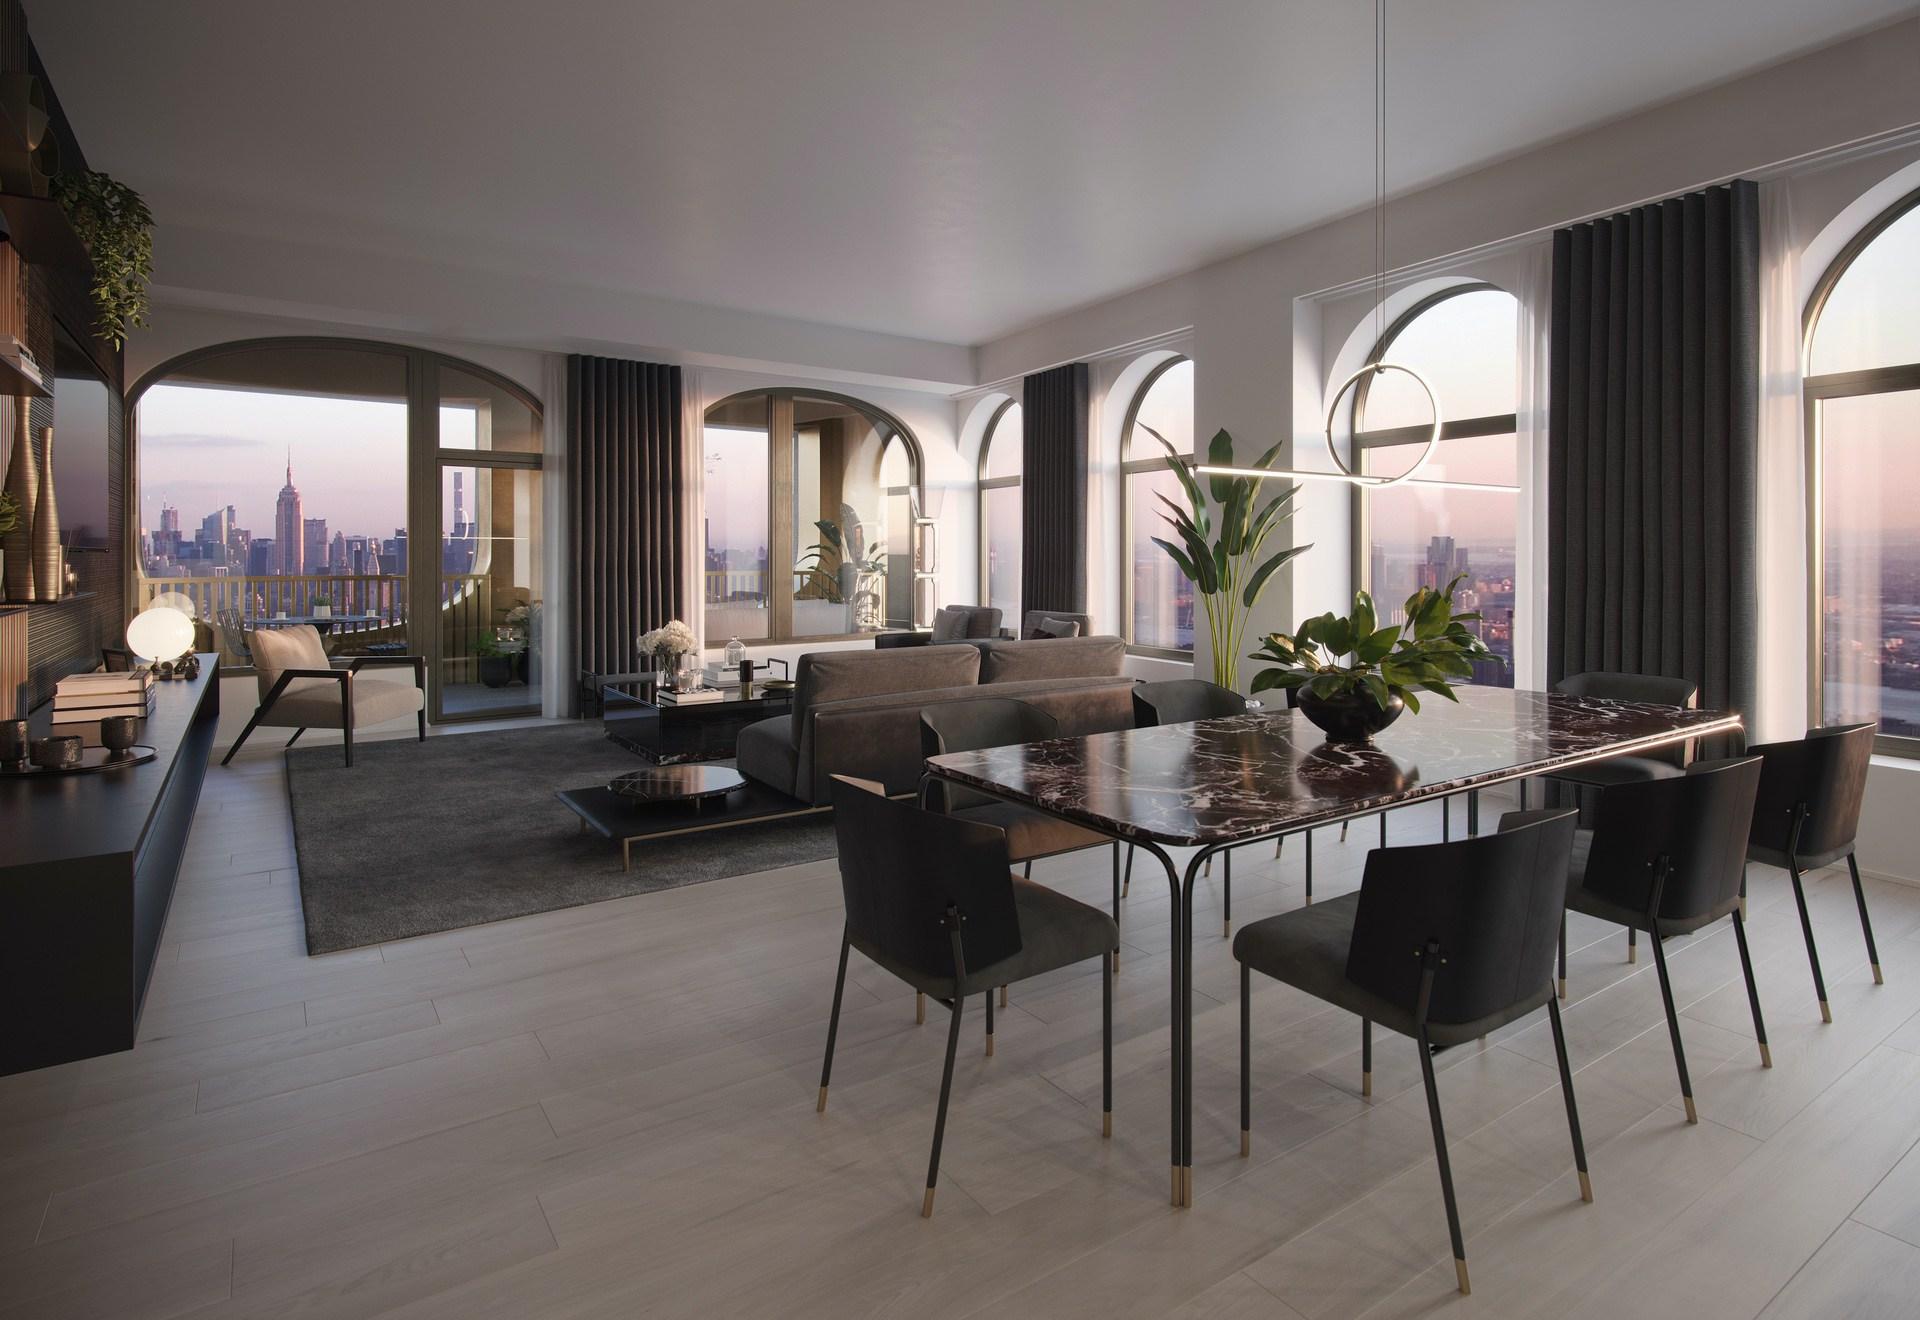 Aston_Martin_NY_Apartments_0009